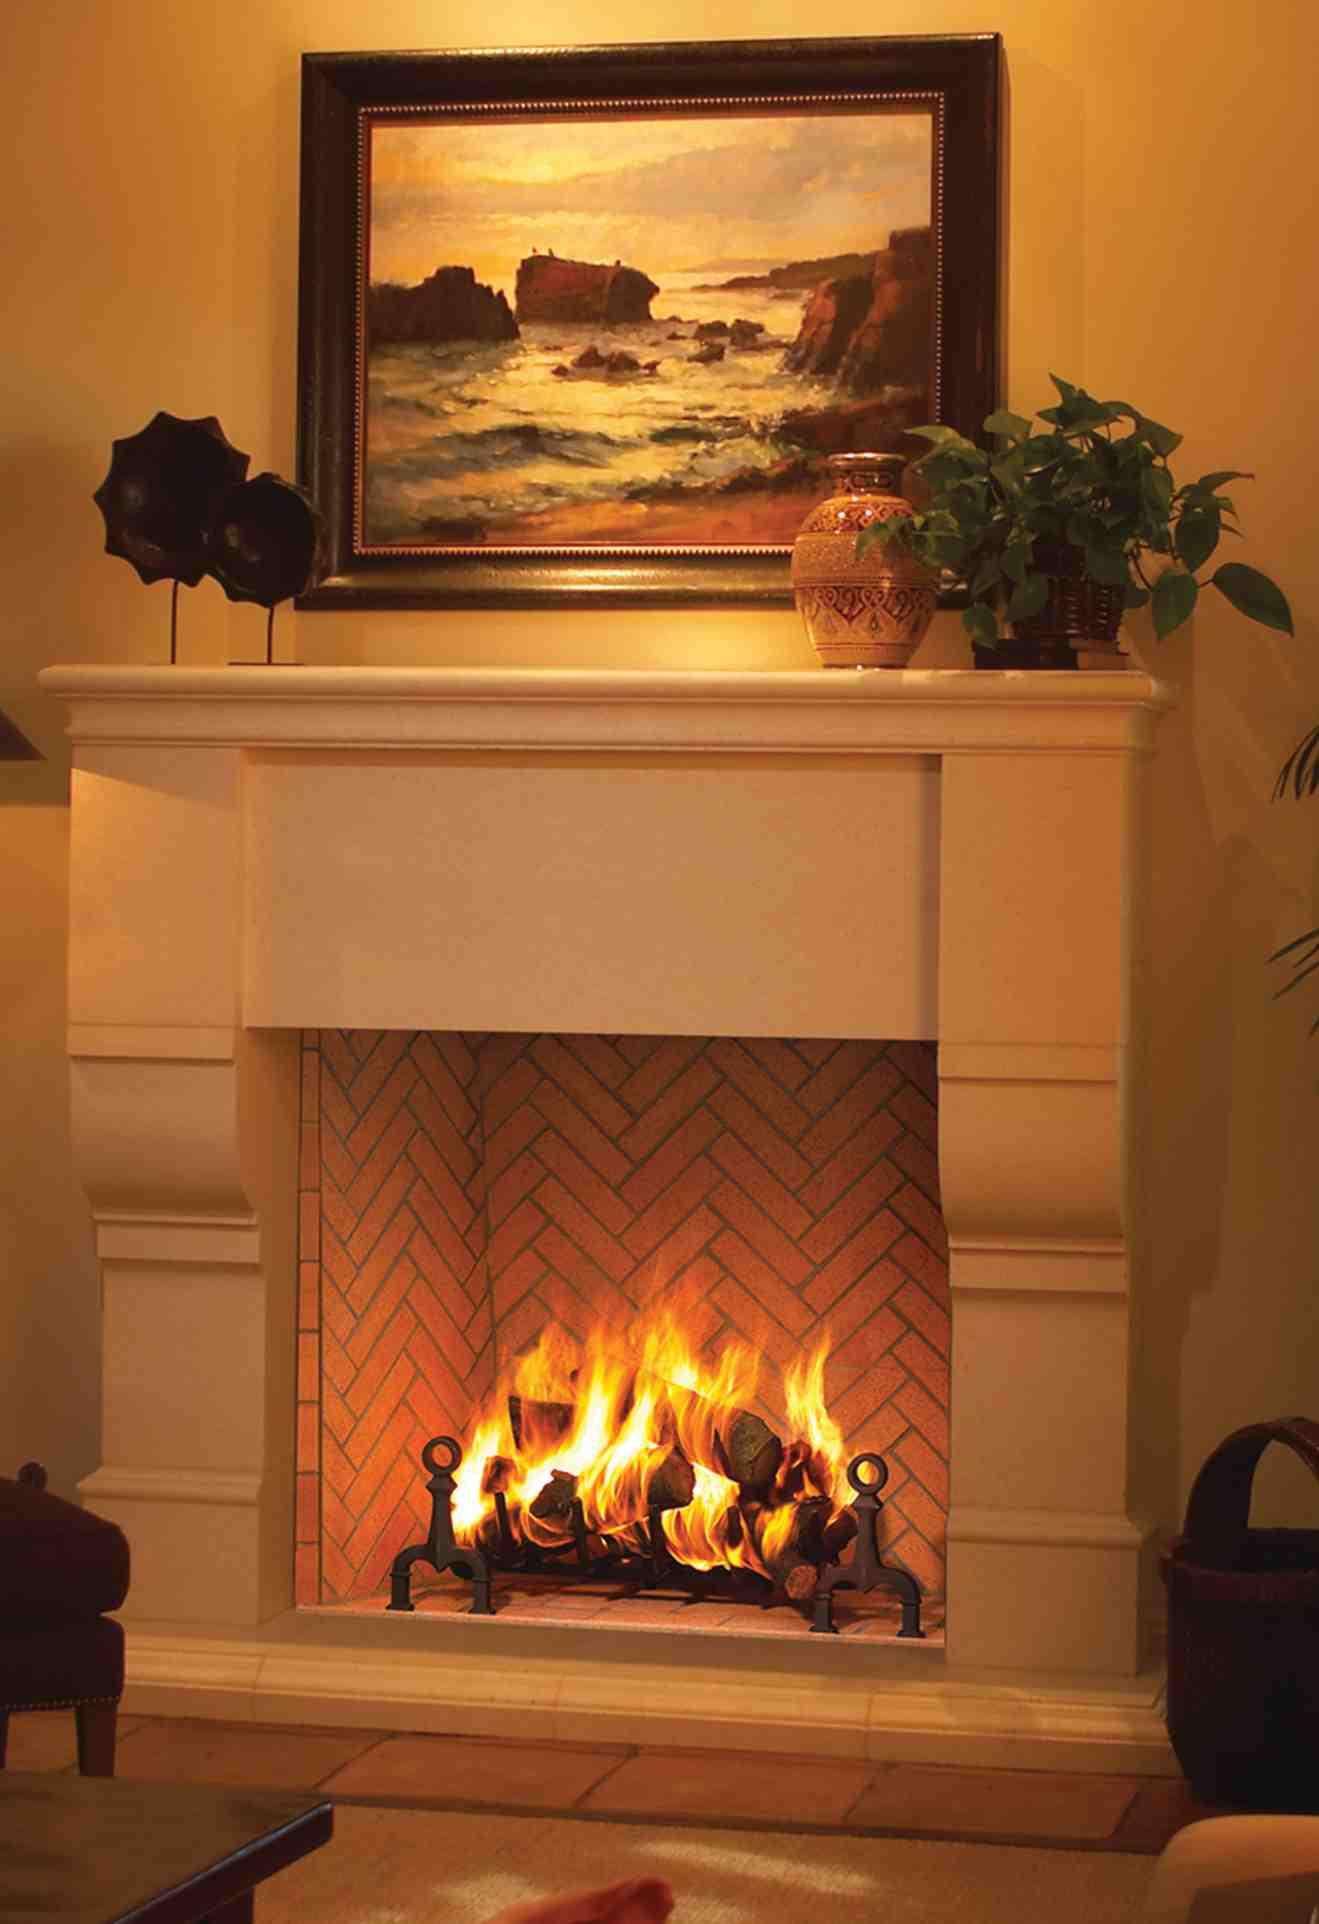 astria-plantation-wood-burning-fireplace-photo-2.jpg